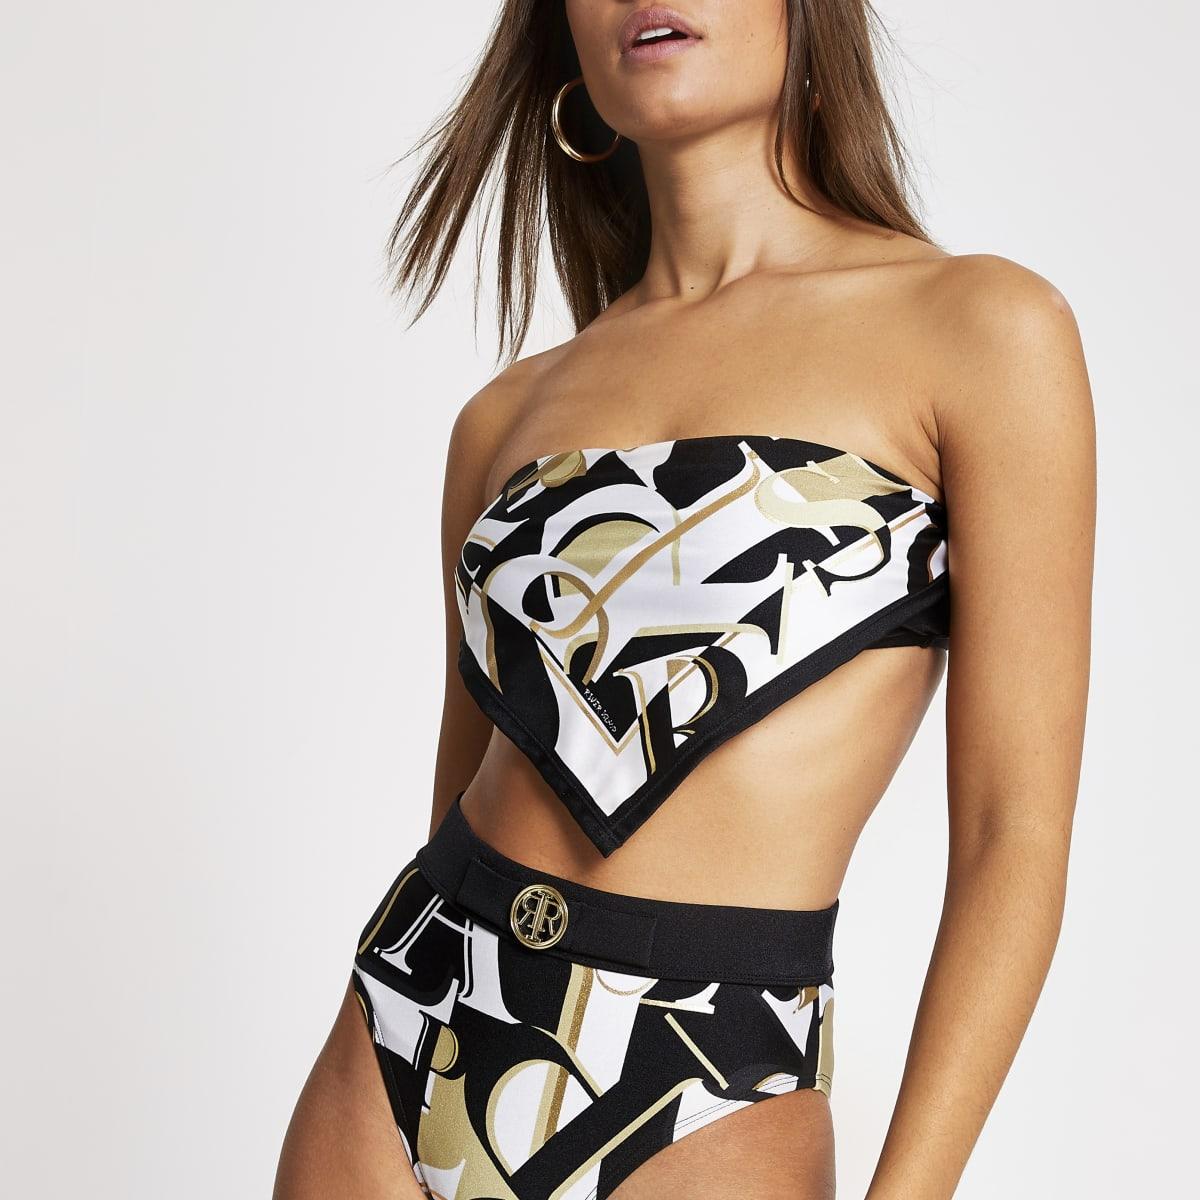 Schwarzes Bandeau-Bikinioberteil mit Monogramm-Print